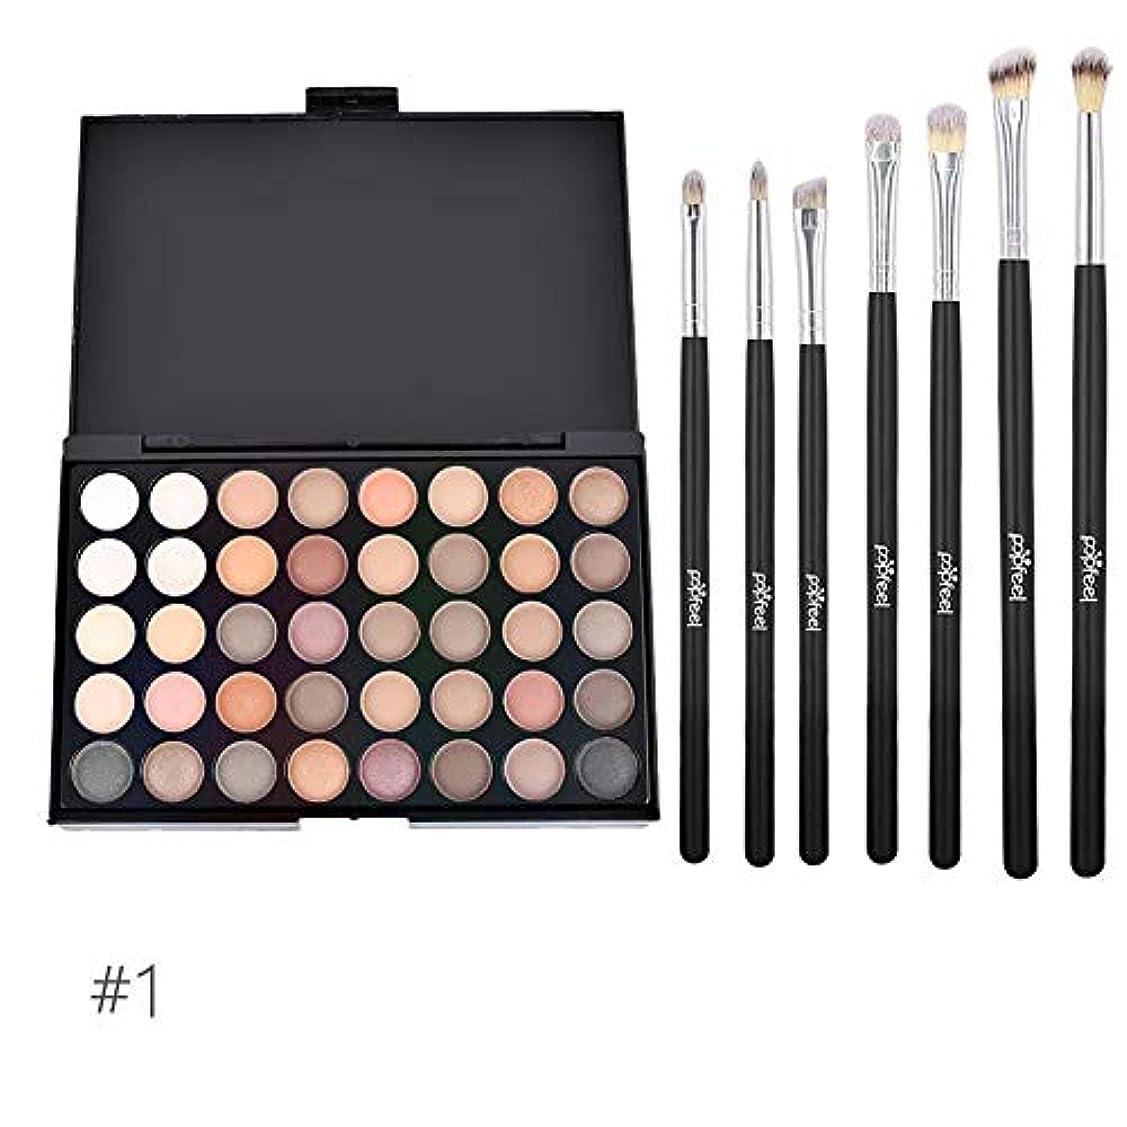 アイシャドウトレイ 40色 化粧ブラシセット 化粧ブラシ 化粧筆 6本セット メイクブラシ